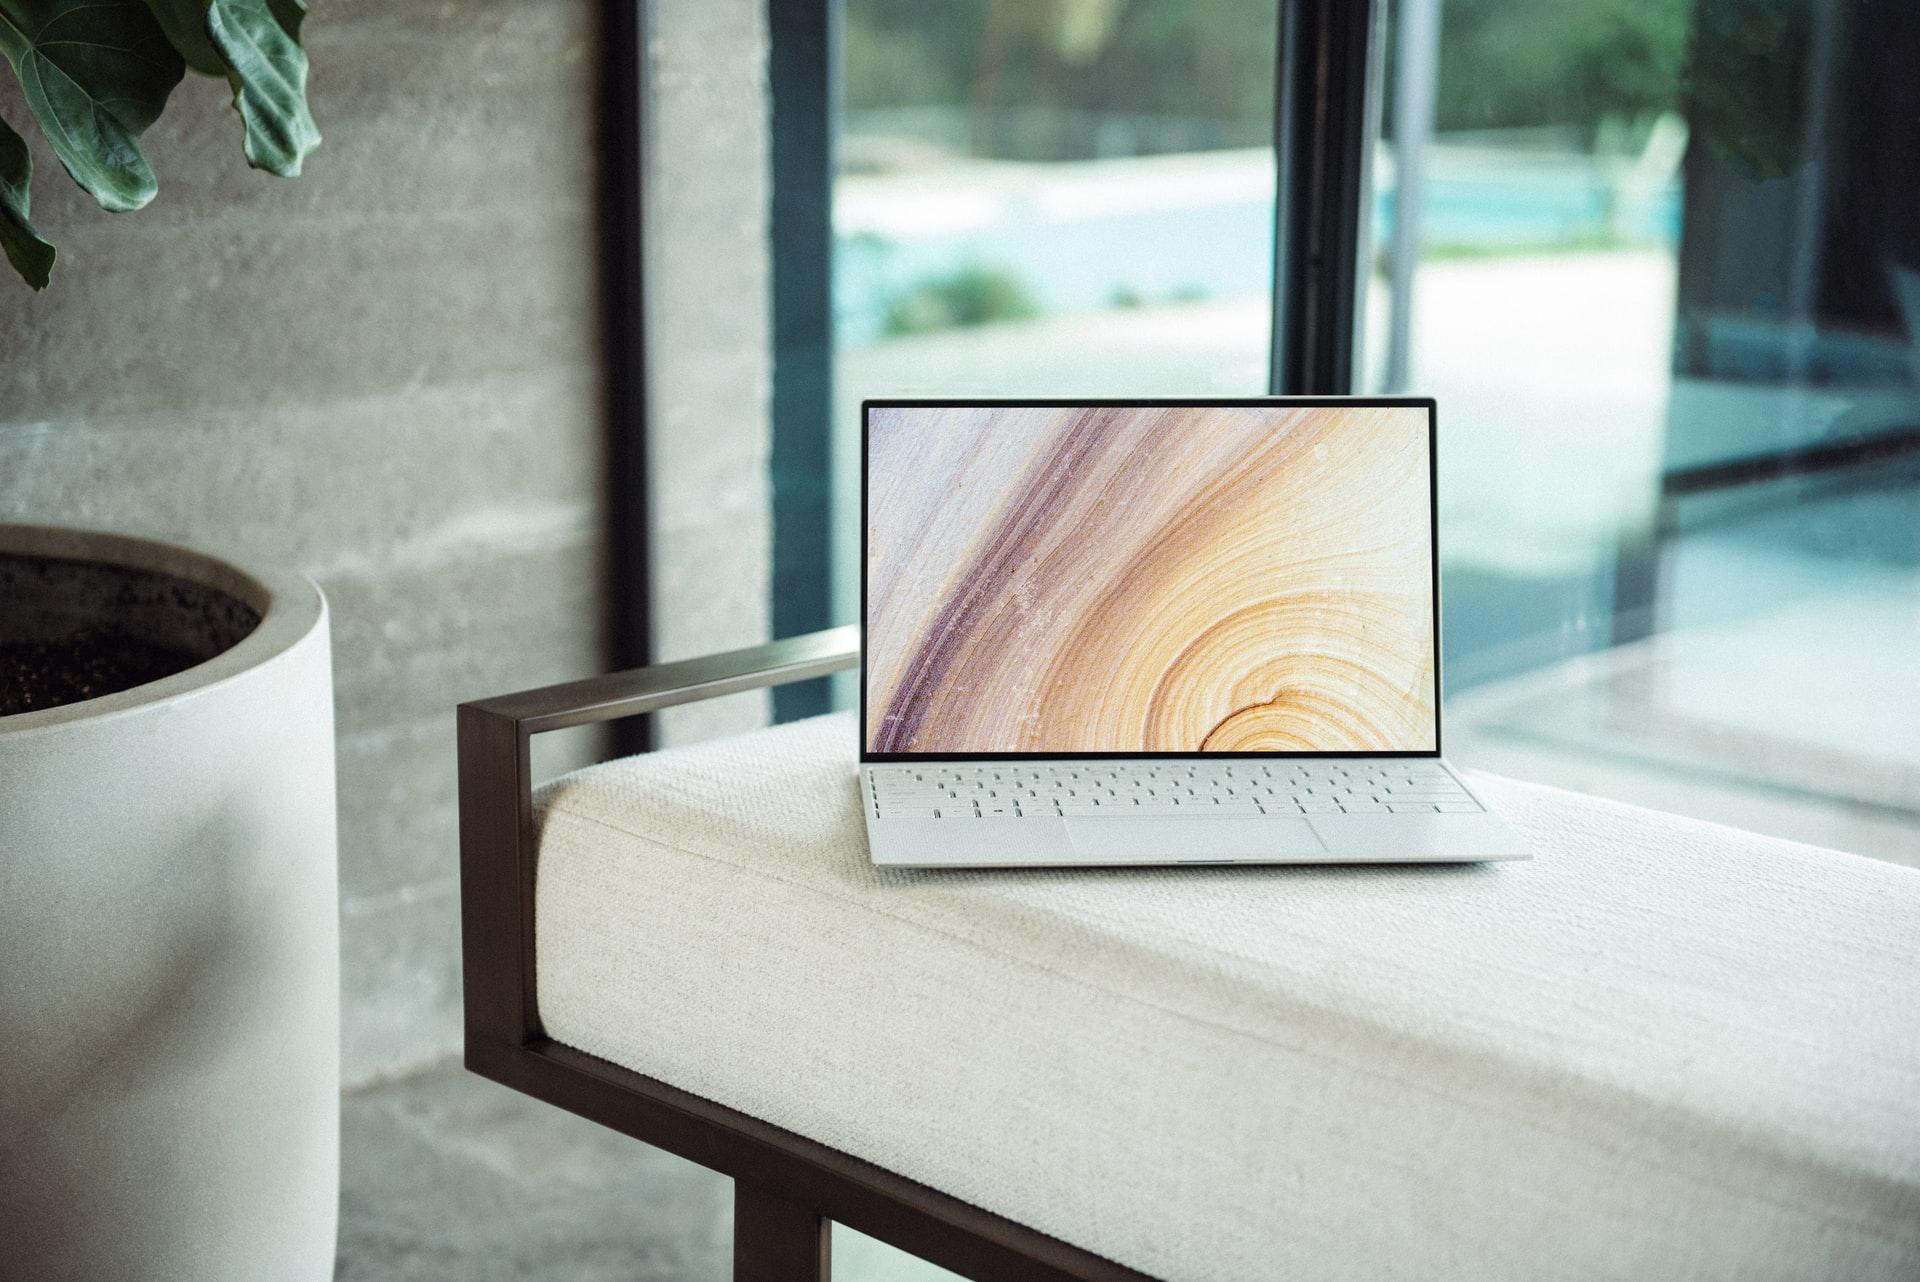 机の上に置かれたサーバーと繋がっているパソコン